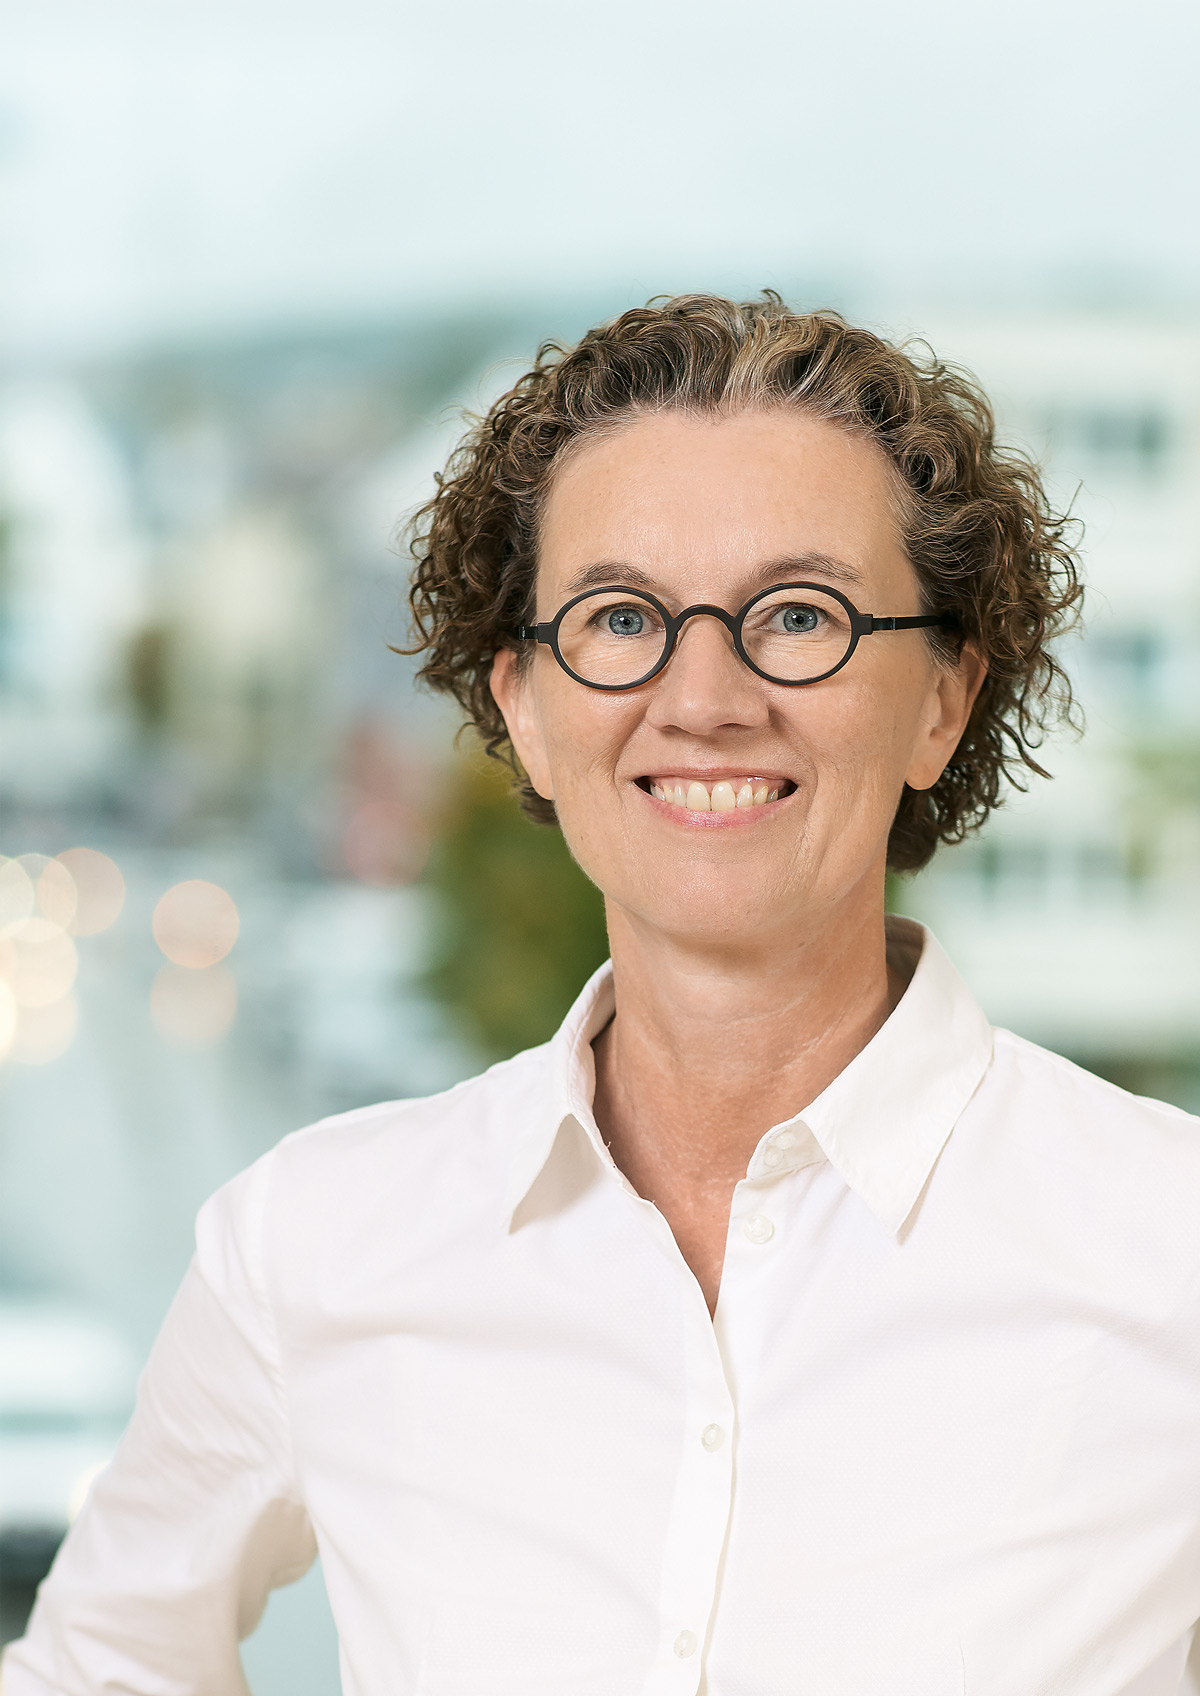 Niederlegung des Ehrenamts als Stadträtin – Frau Antje Esser